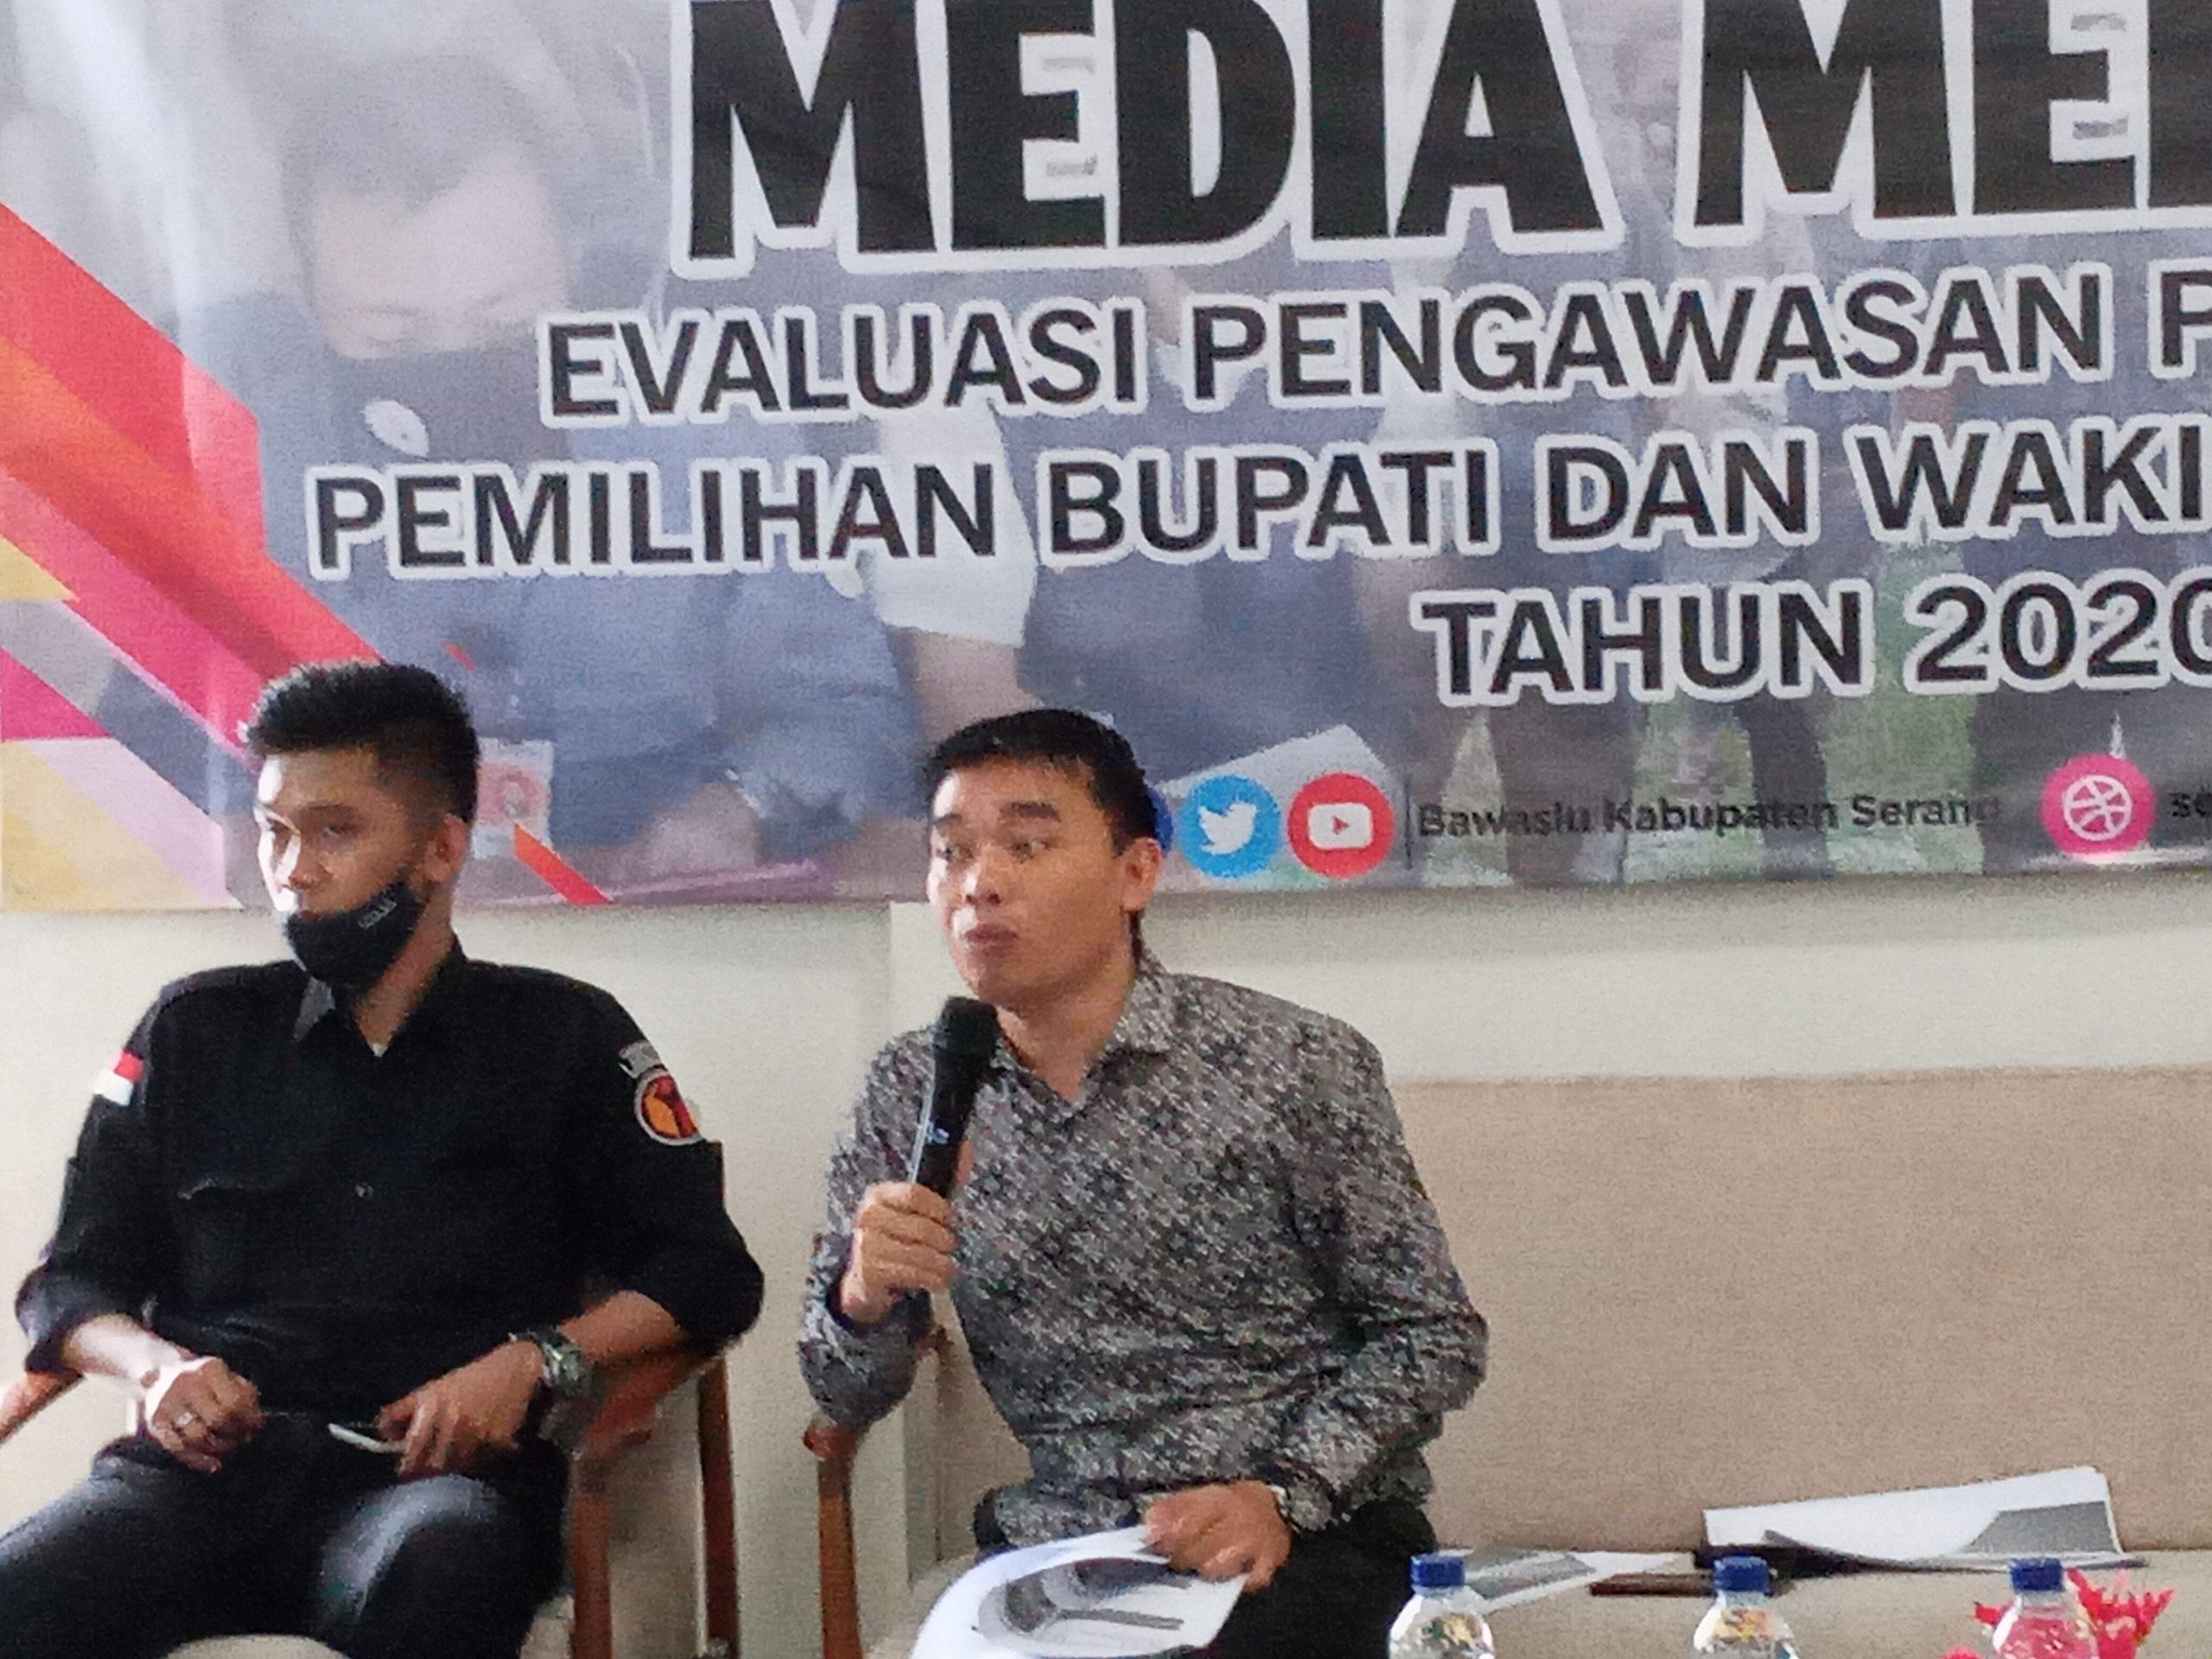 """20 Kecamatan di Pilkada Kabupaten Serang Tak Murni Gunakan """"Sirekap"""" saat Penghitungan dan Rekapitulasi Suara. Kok Bisa?"""